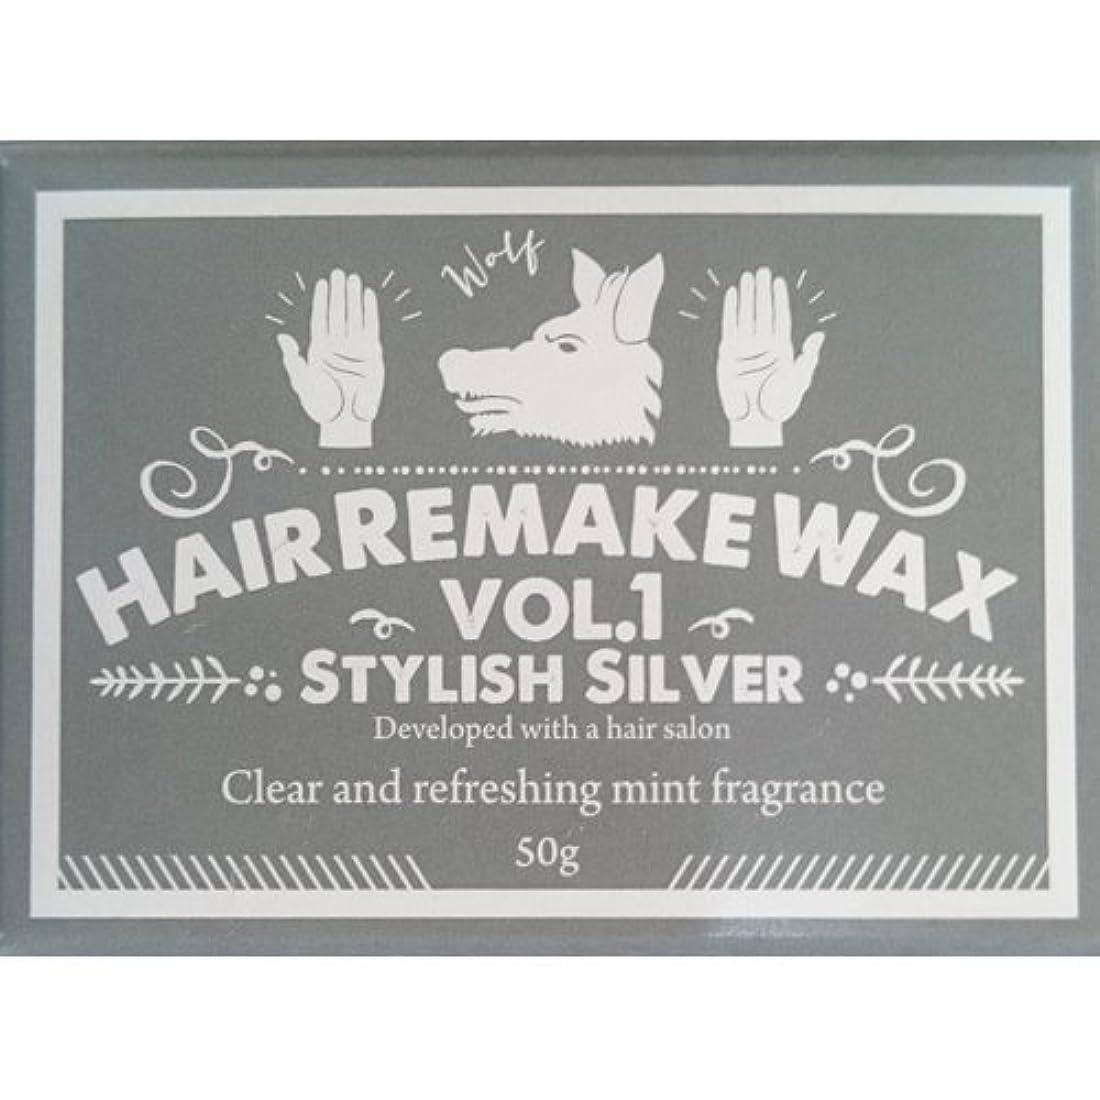 パンチ給料ユーモラスパーティー 変装 銀髪用 Hair Remake(ヘアーリメイクワックス)WAX Vol.1 スタイリッシュシルバー 50g